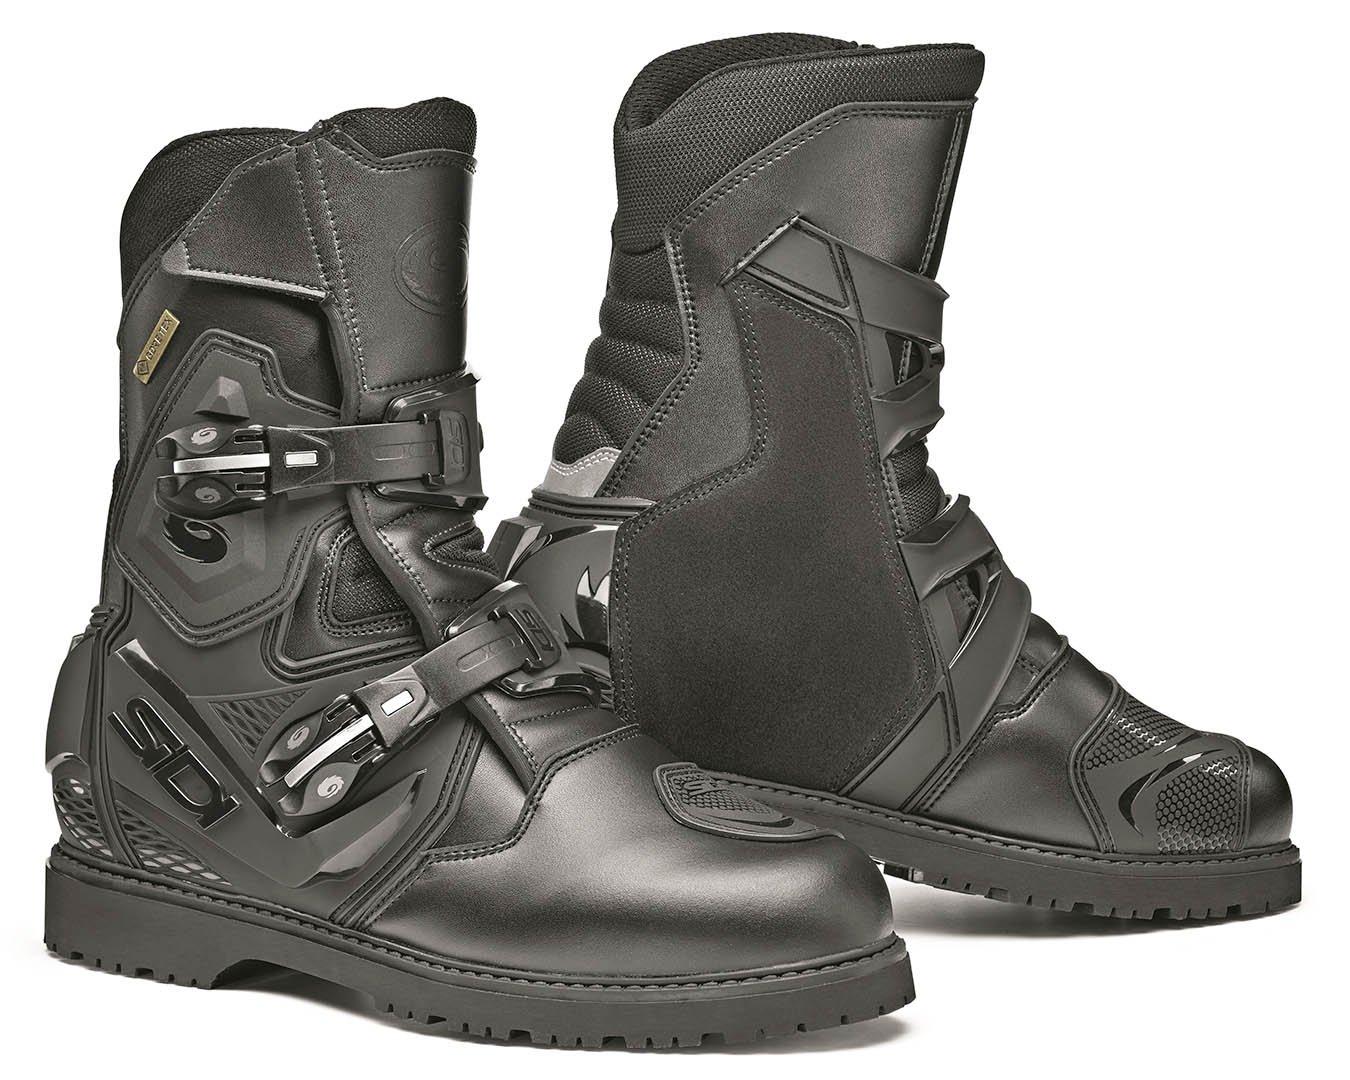 Sidi Adventure 2 Gore MX Boots